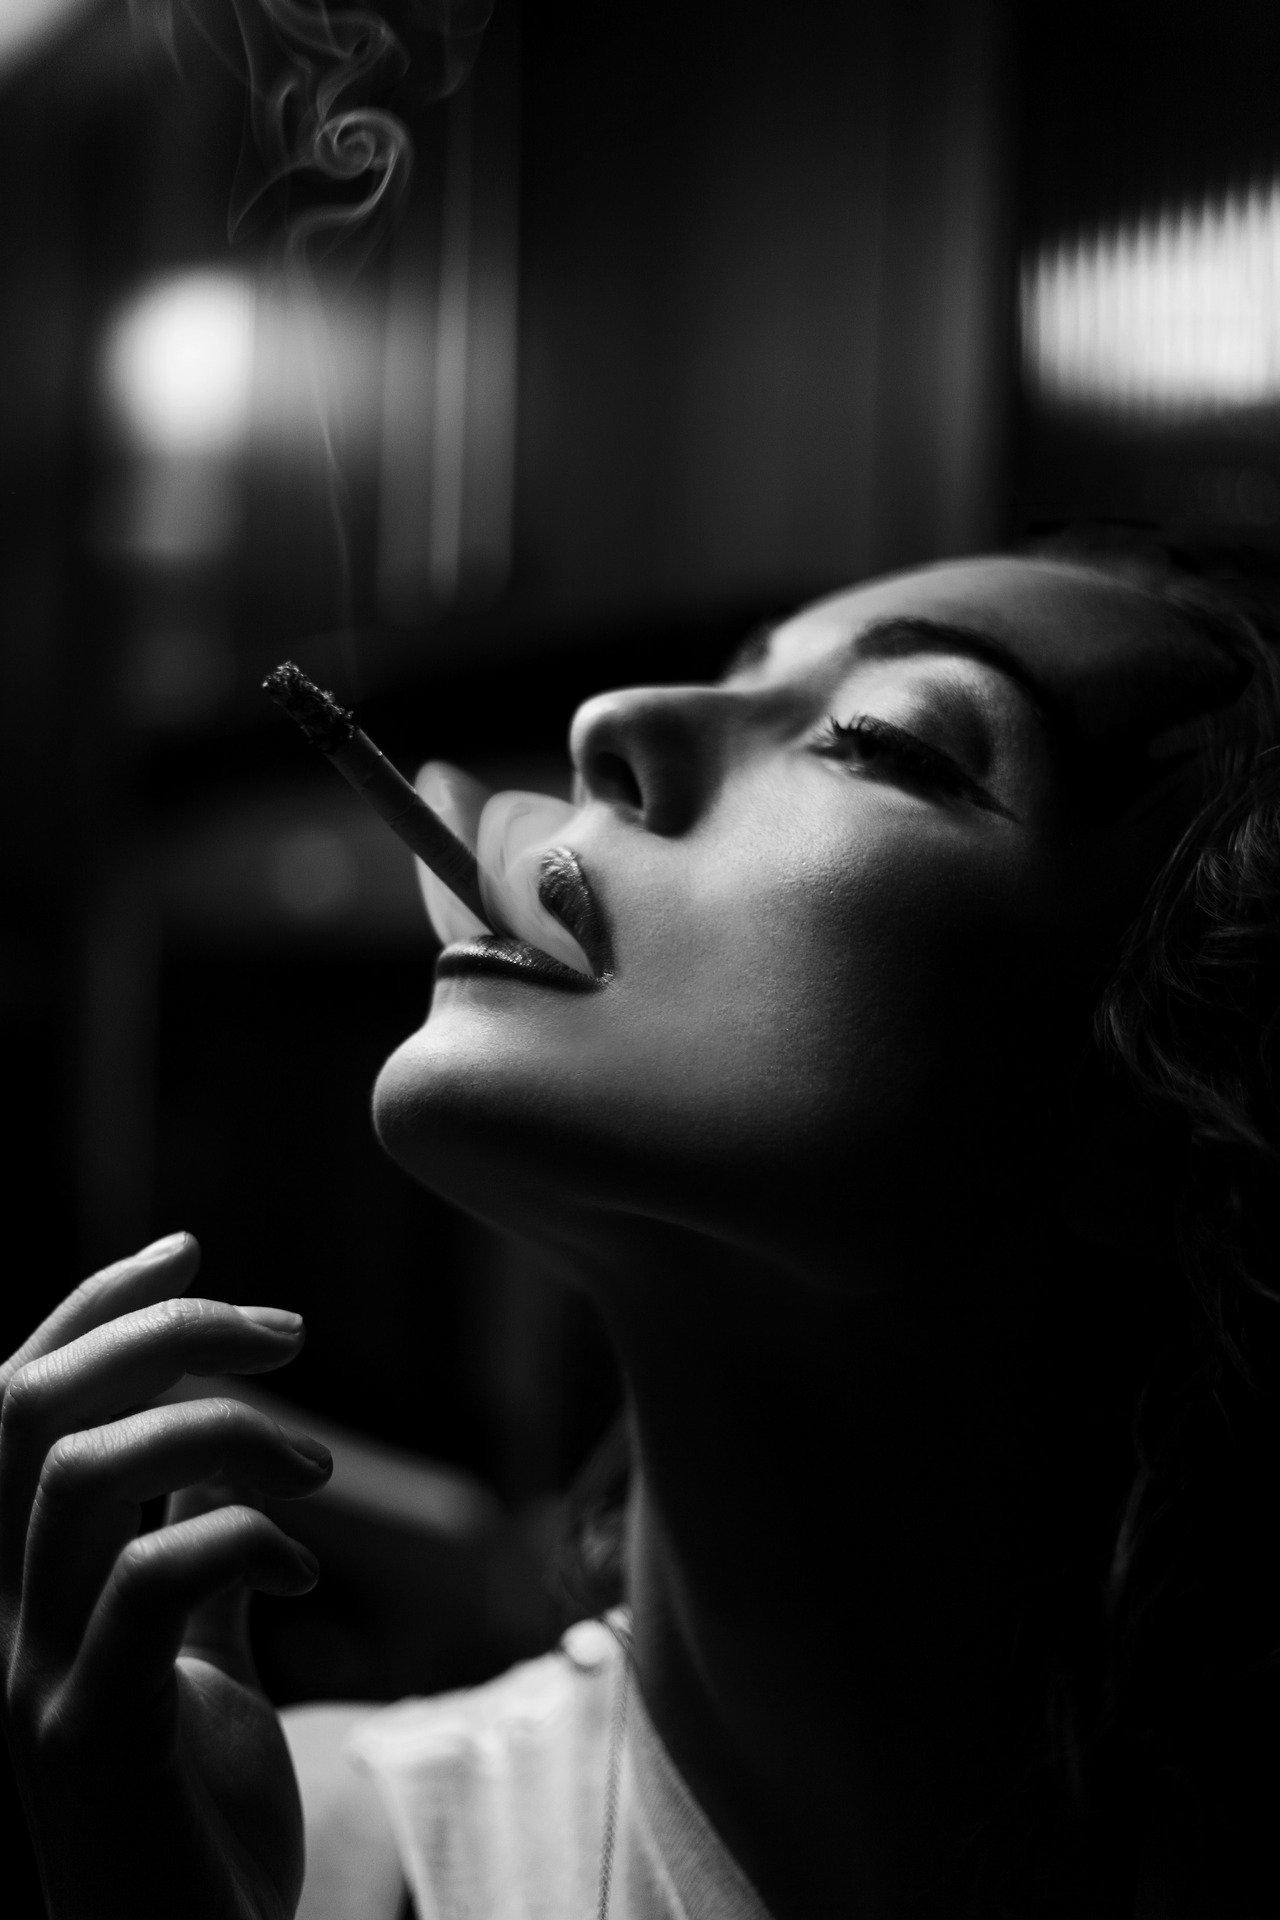 первые четыре красивая девушка курит чем